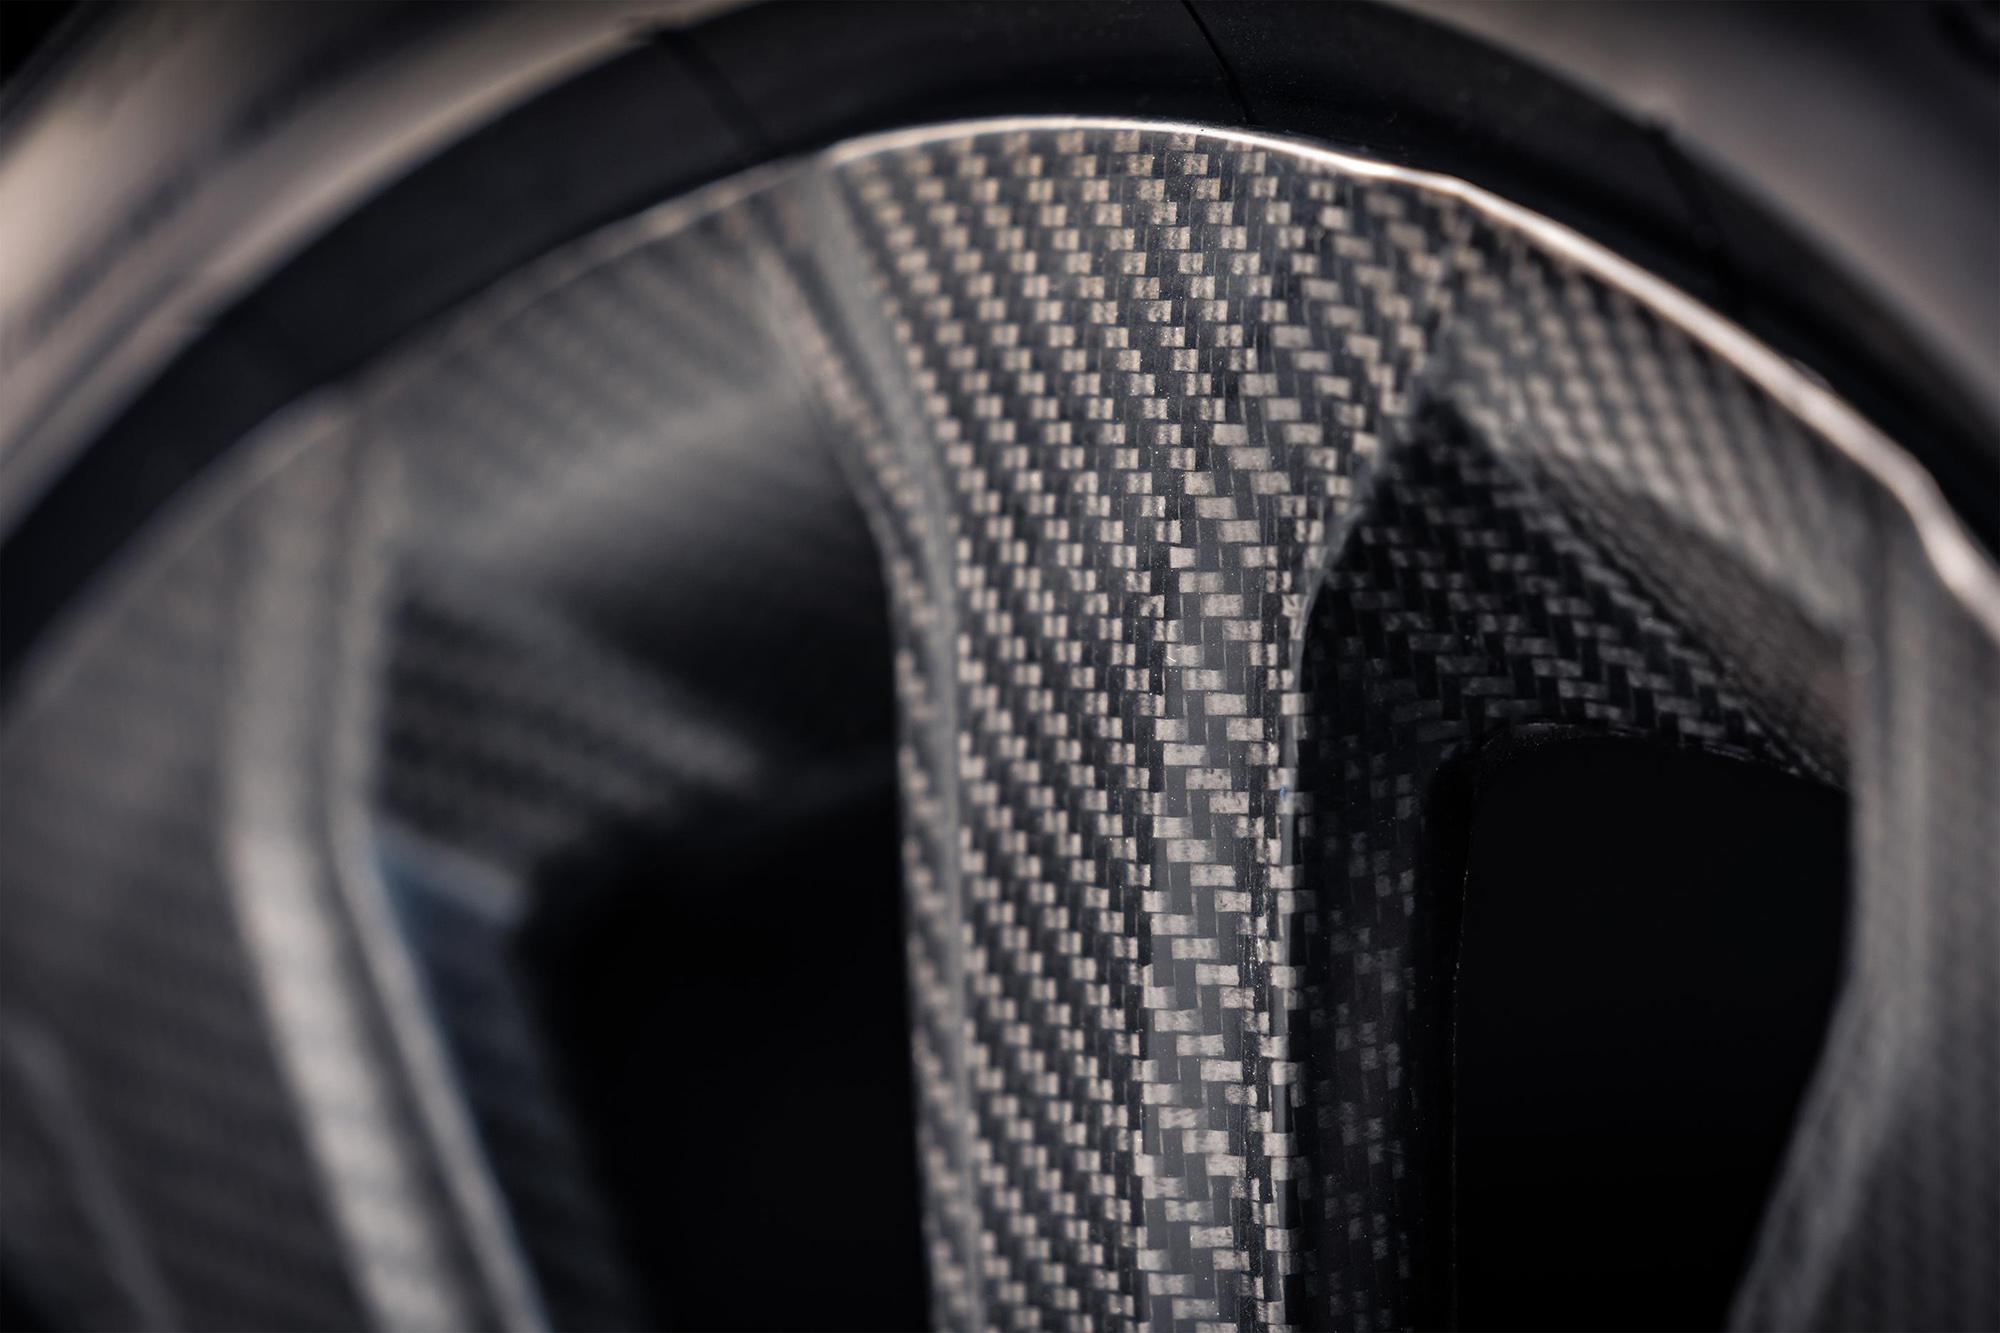 Detalhe da fibra de carbono da roda do Bentley Bentayga